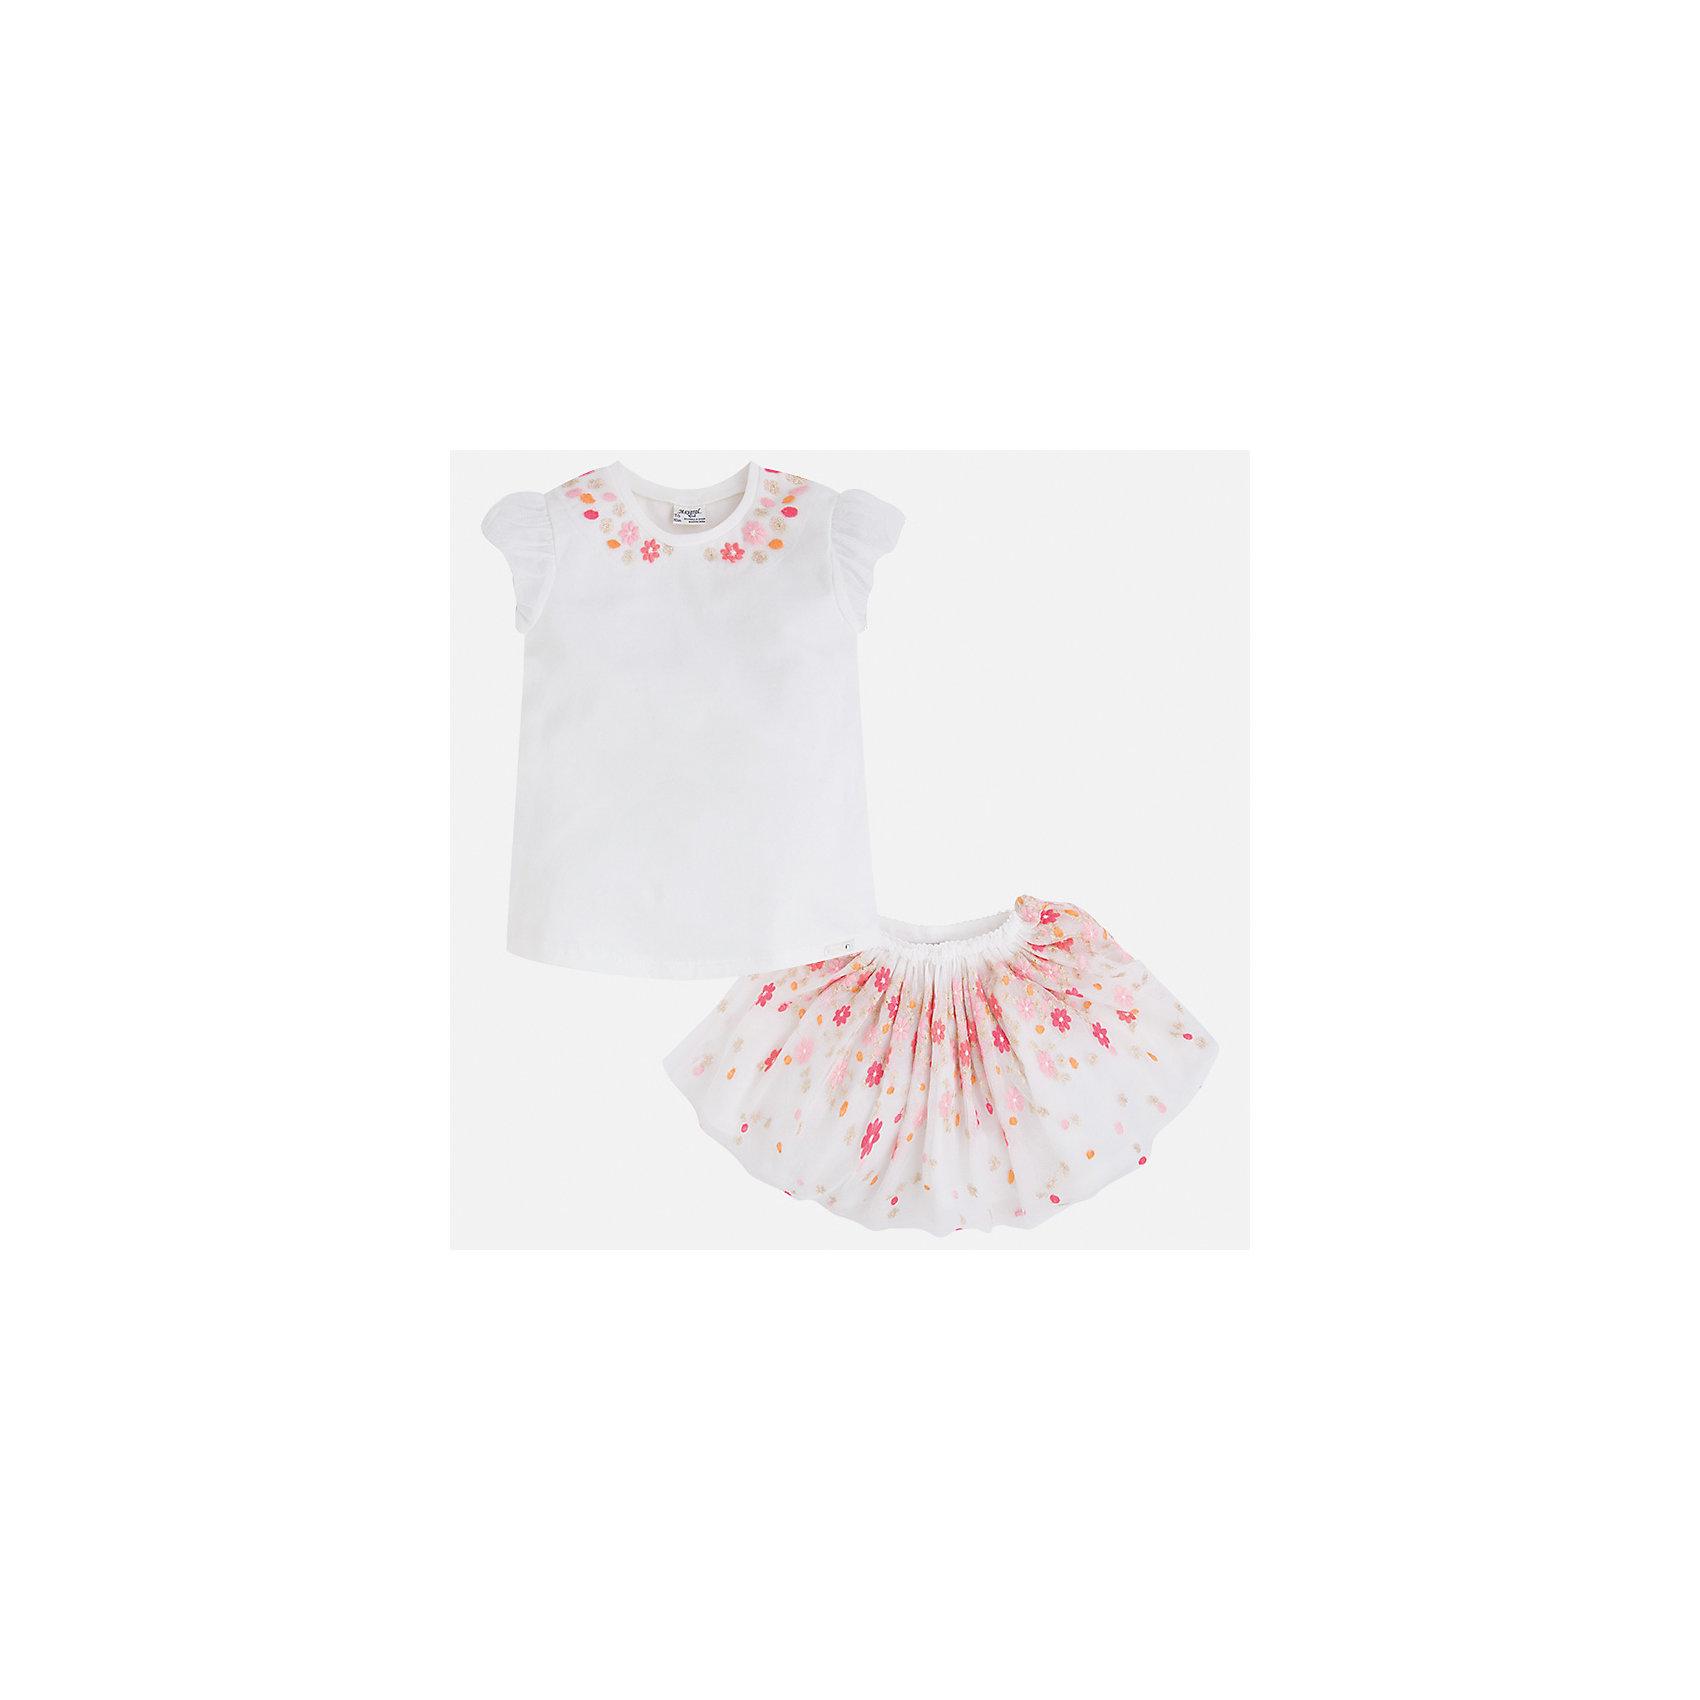 Комплект: топ и юбка для девочки MayoralКомплекты<br>Характеристики товара:<br><br>• цвет: белый<br>• состав: 57% хлопок, 38% полиэстер, 5% эластан<br>• комплектация: юбка, топ<br>• топ декорирован вышивкой<br>• юбка декорирована принтом<br>• пояс на резинке<br>• страна бренда: Испания<br><br>Стильный качественный комплект для девочки поможет разнообразить гардероб ребенка и красиво одеться в теплую погоду. Он отлично сочетается с другими предметами. Универсальный цвет позволяет подобрать к вещам обувь практически любой расцветки. Интересная отделка модели делает её нарядной и оригинальной. В составе материала - натуральный хлопок, гипоаллергенный, приятный на ощупь, дышащий.<br><br>Одежда, обувь и аксессуары от испанского бренда Mayoral полюбились детям и взрослым по всему миру. Модели этой марки - стильные и удобные. Для их производства используются только безопасные, качественные материалы и фурнитура. Порадуйте ребенка модными и красивыми вещами от Mayoral! <br><br>Комплект для девочки от испанского бренда Mayoral (Майорал) можно купить в нашем интернет-магазине.<br><br>Ширина мм: 207<br>Глубина мм: 10<br>Высота мм: 189<br>Вес г: 183<br>Цвет: оранжевый<br>Возраст от месяцев: 96<br>Возраст до месяцев: 108<br>Пол: Женский<br>Возраст: Детский<br>Размер: 134,98,104,110,116,122,128<br>SKU: 5291415